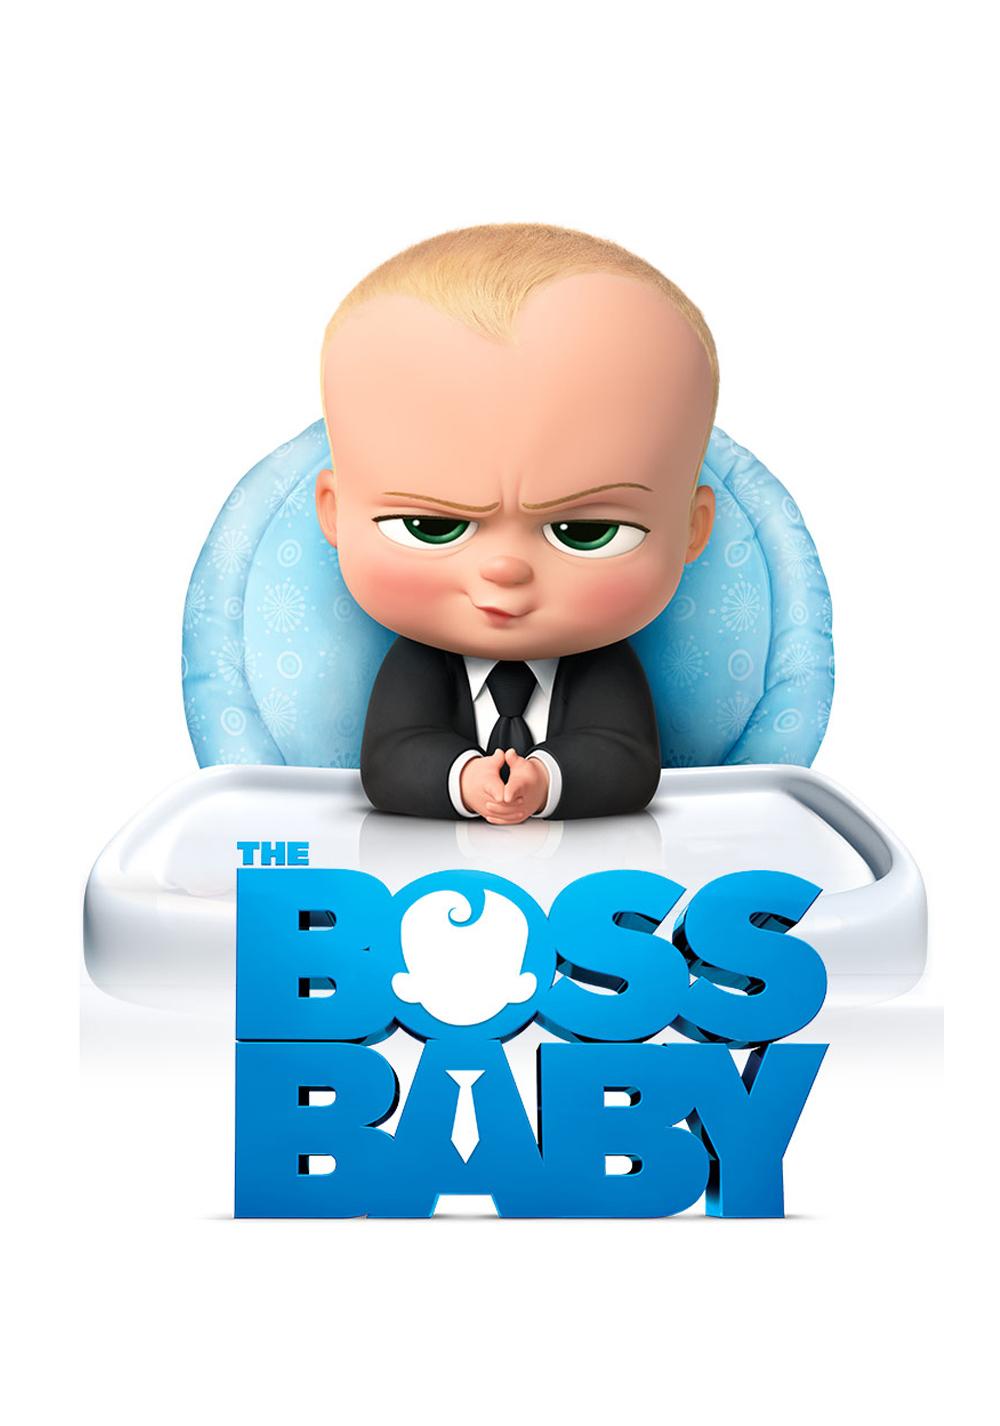 Download Boss Baby Full Movie In Hindi : download, movie, hindi, Fasrship